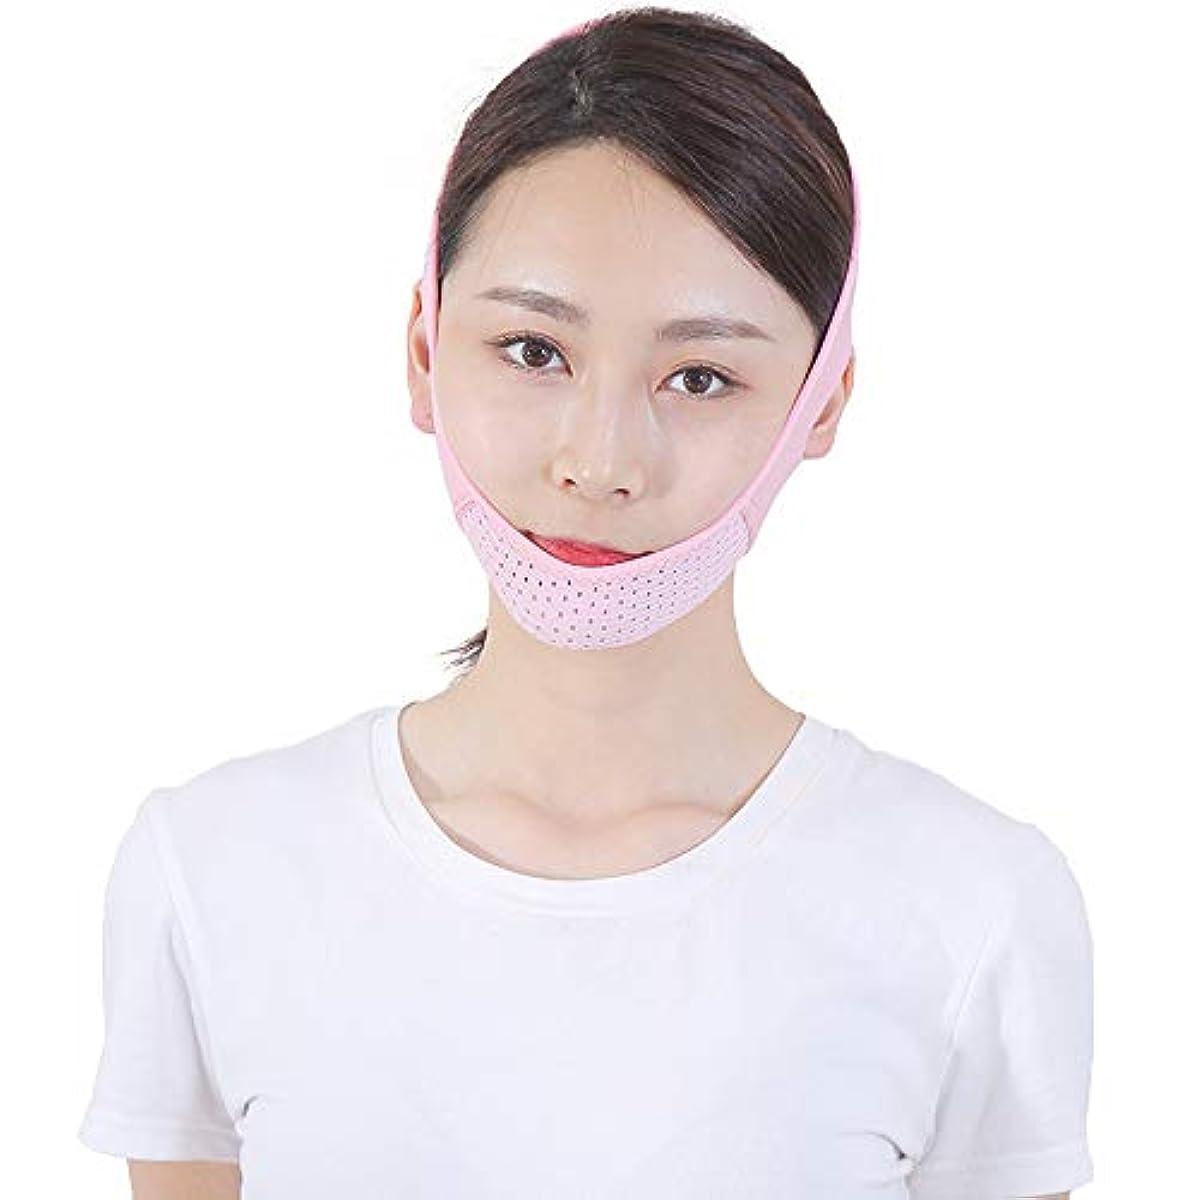 永続廃棄する樫の木薄い顔のベルト - 薄い顔のベルト 顔の包帯ダブルチンの顔リフトの人工物Vのフェイスベルト薄い顔のマスク 美しさ